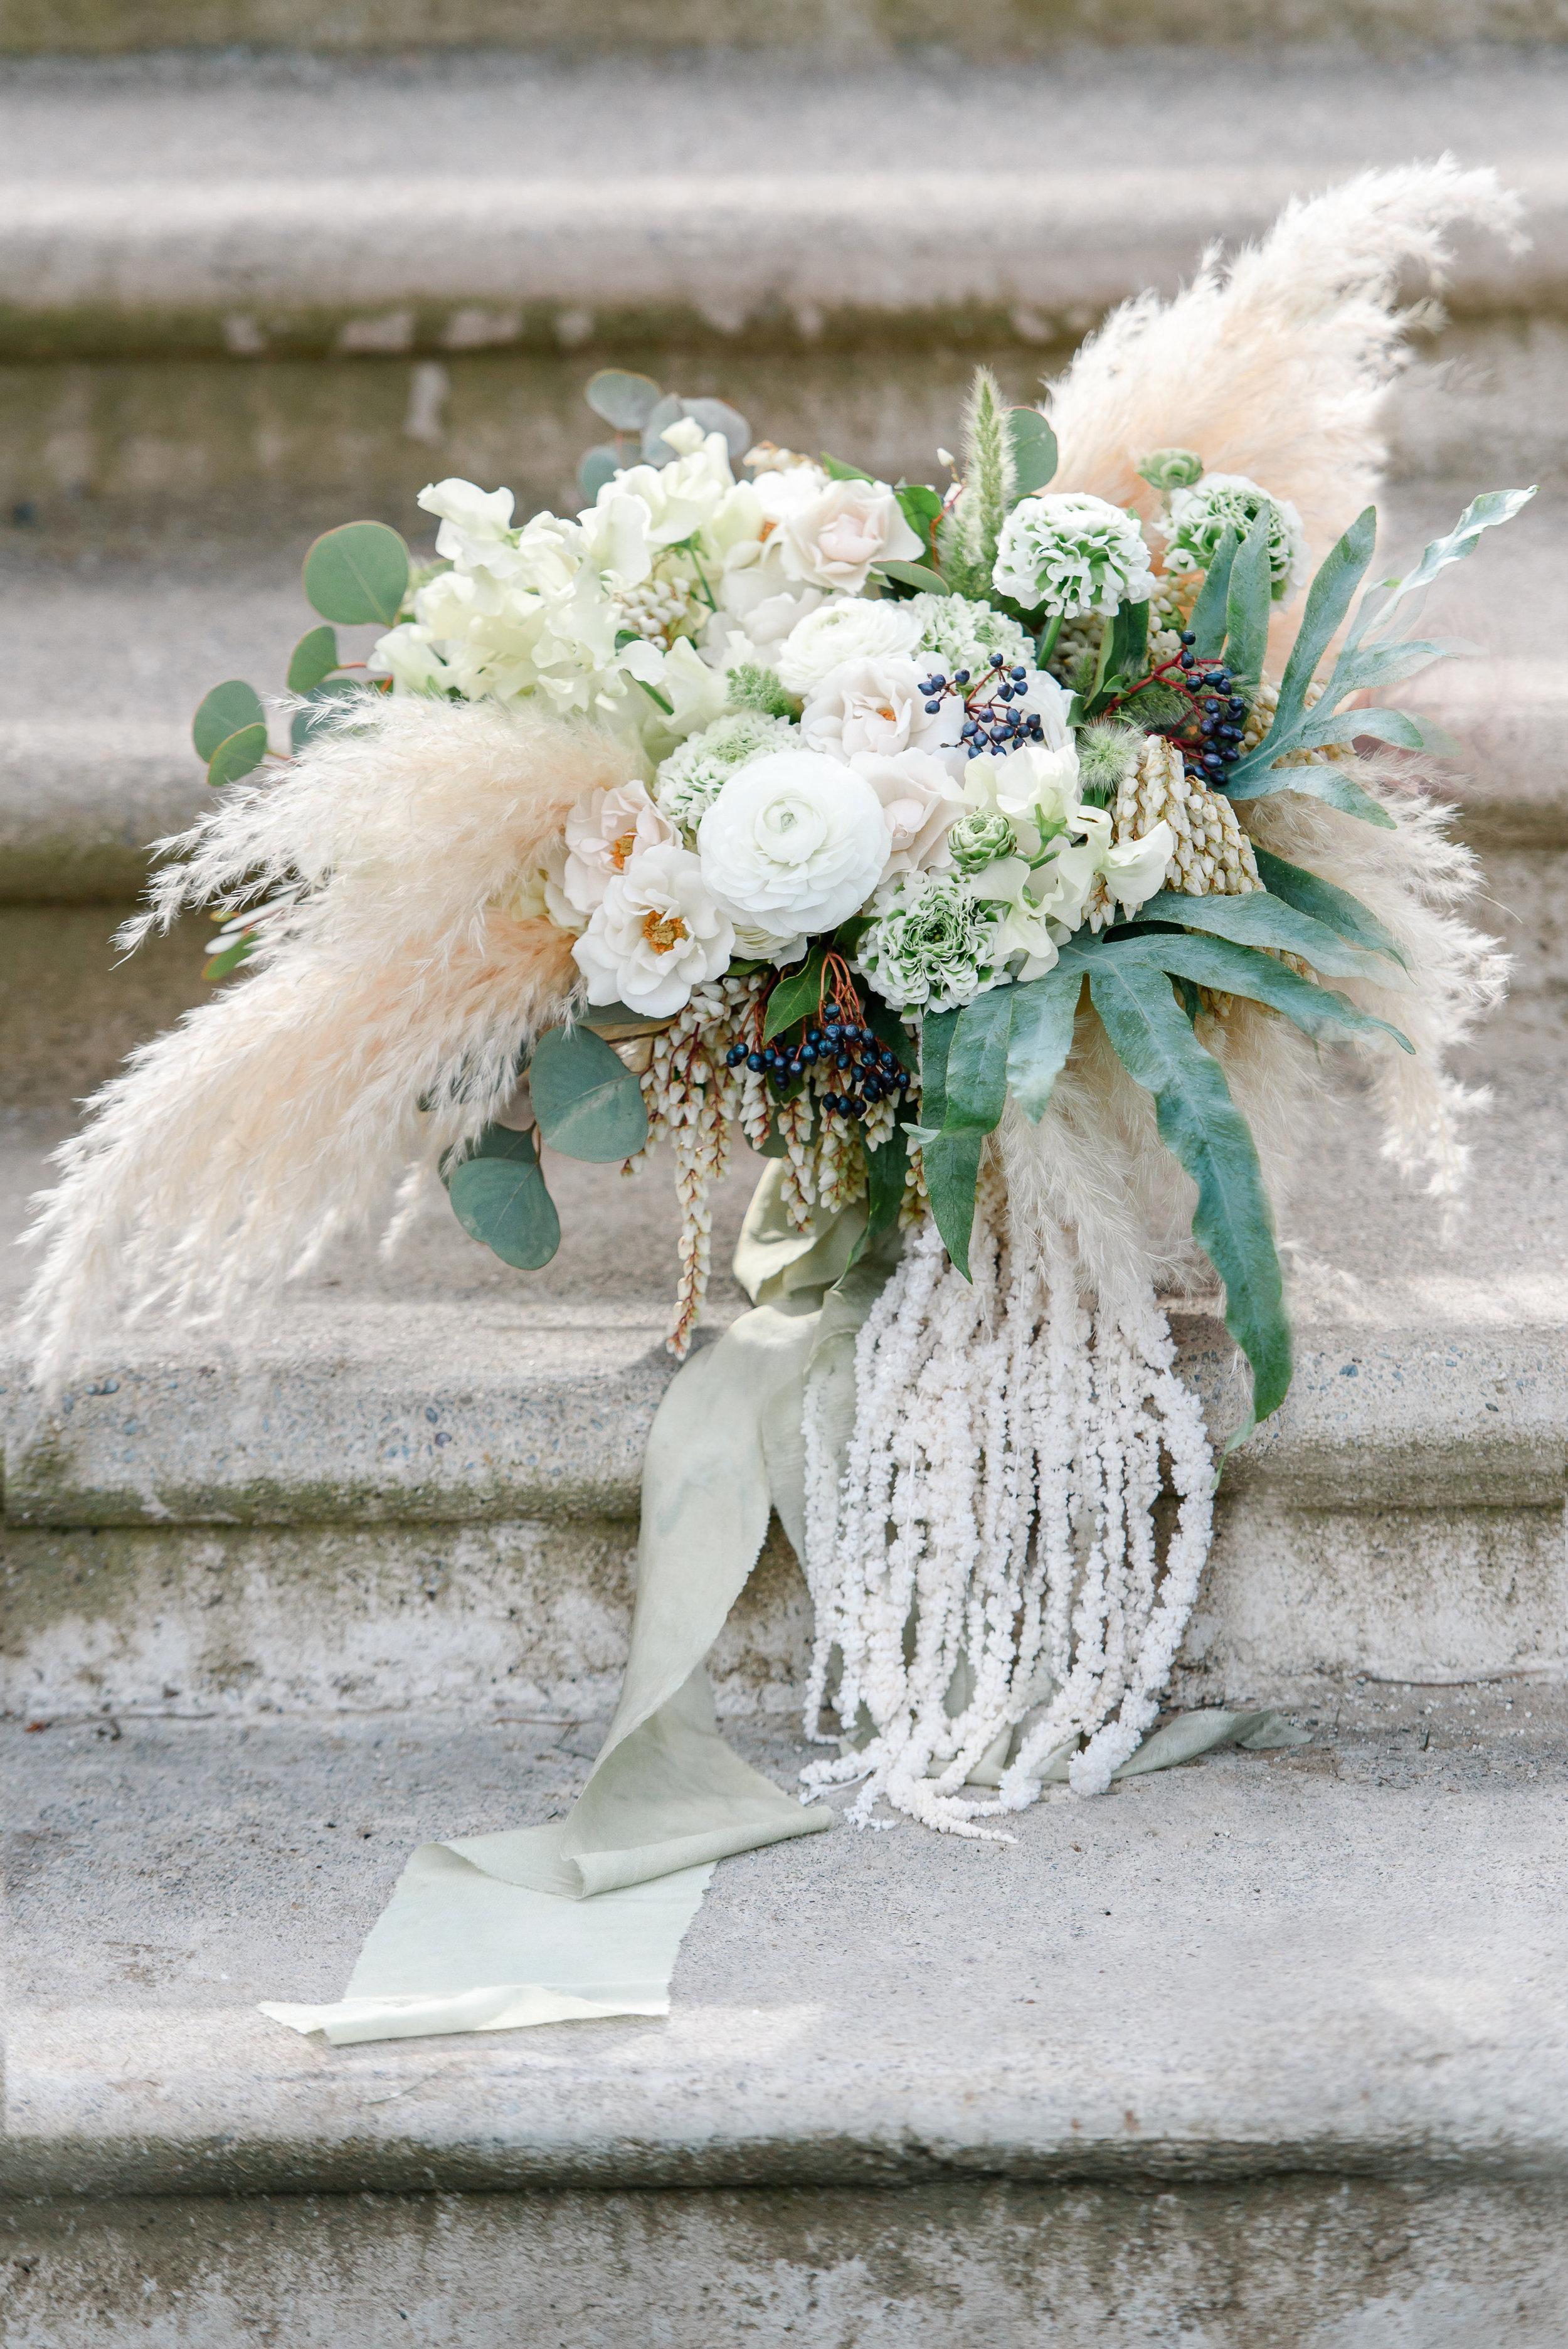 Unique Bridal Bouquet | White Bridal Bouquet | Neutral Bridal Bouquet | Pampas Grass